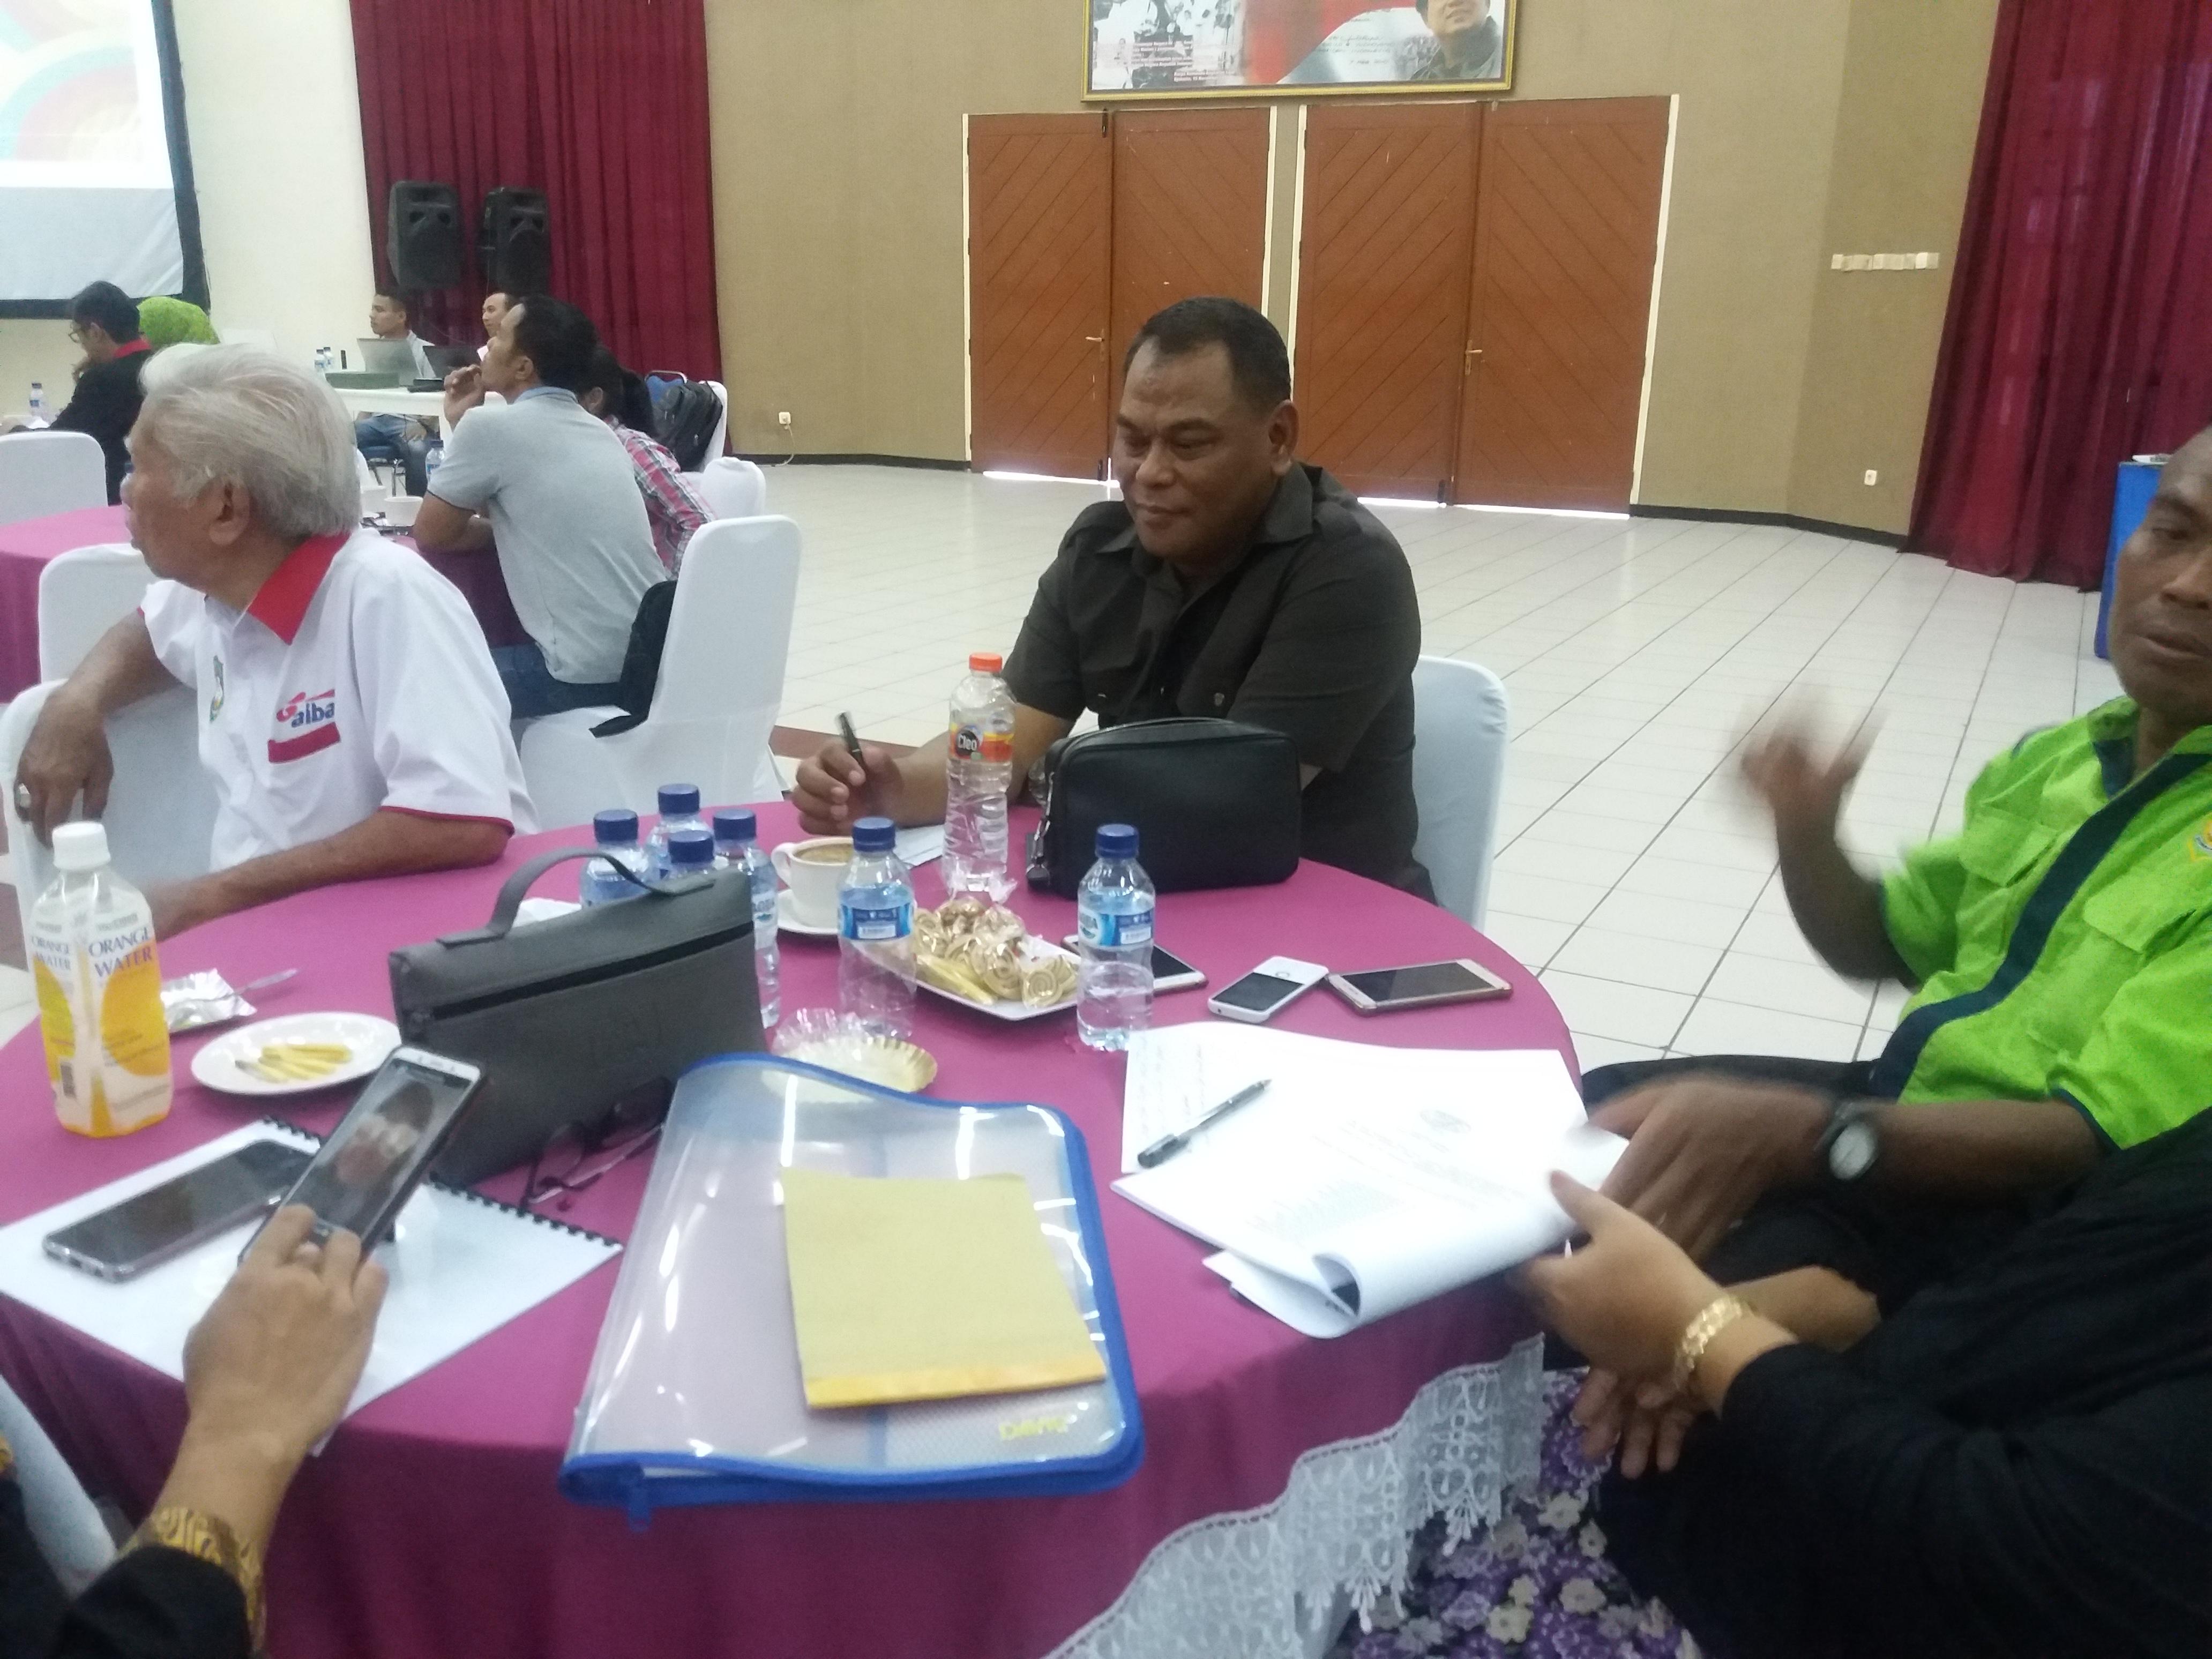 Ketua terpilih Pertina Jatim Rahmat Muhajirin